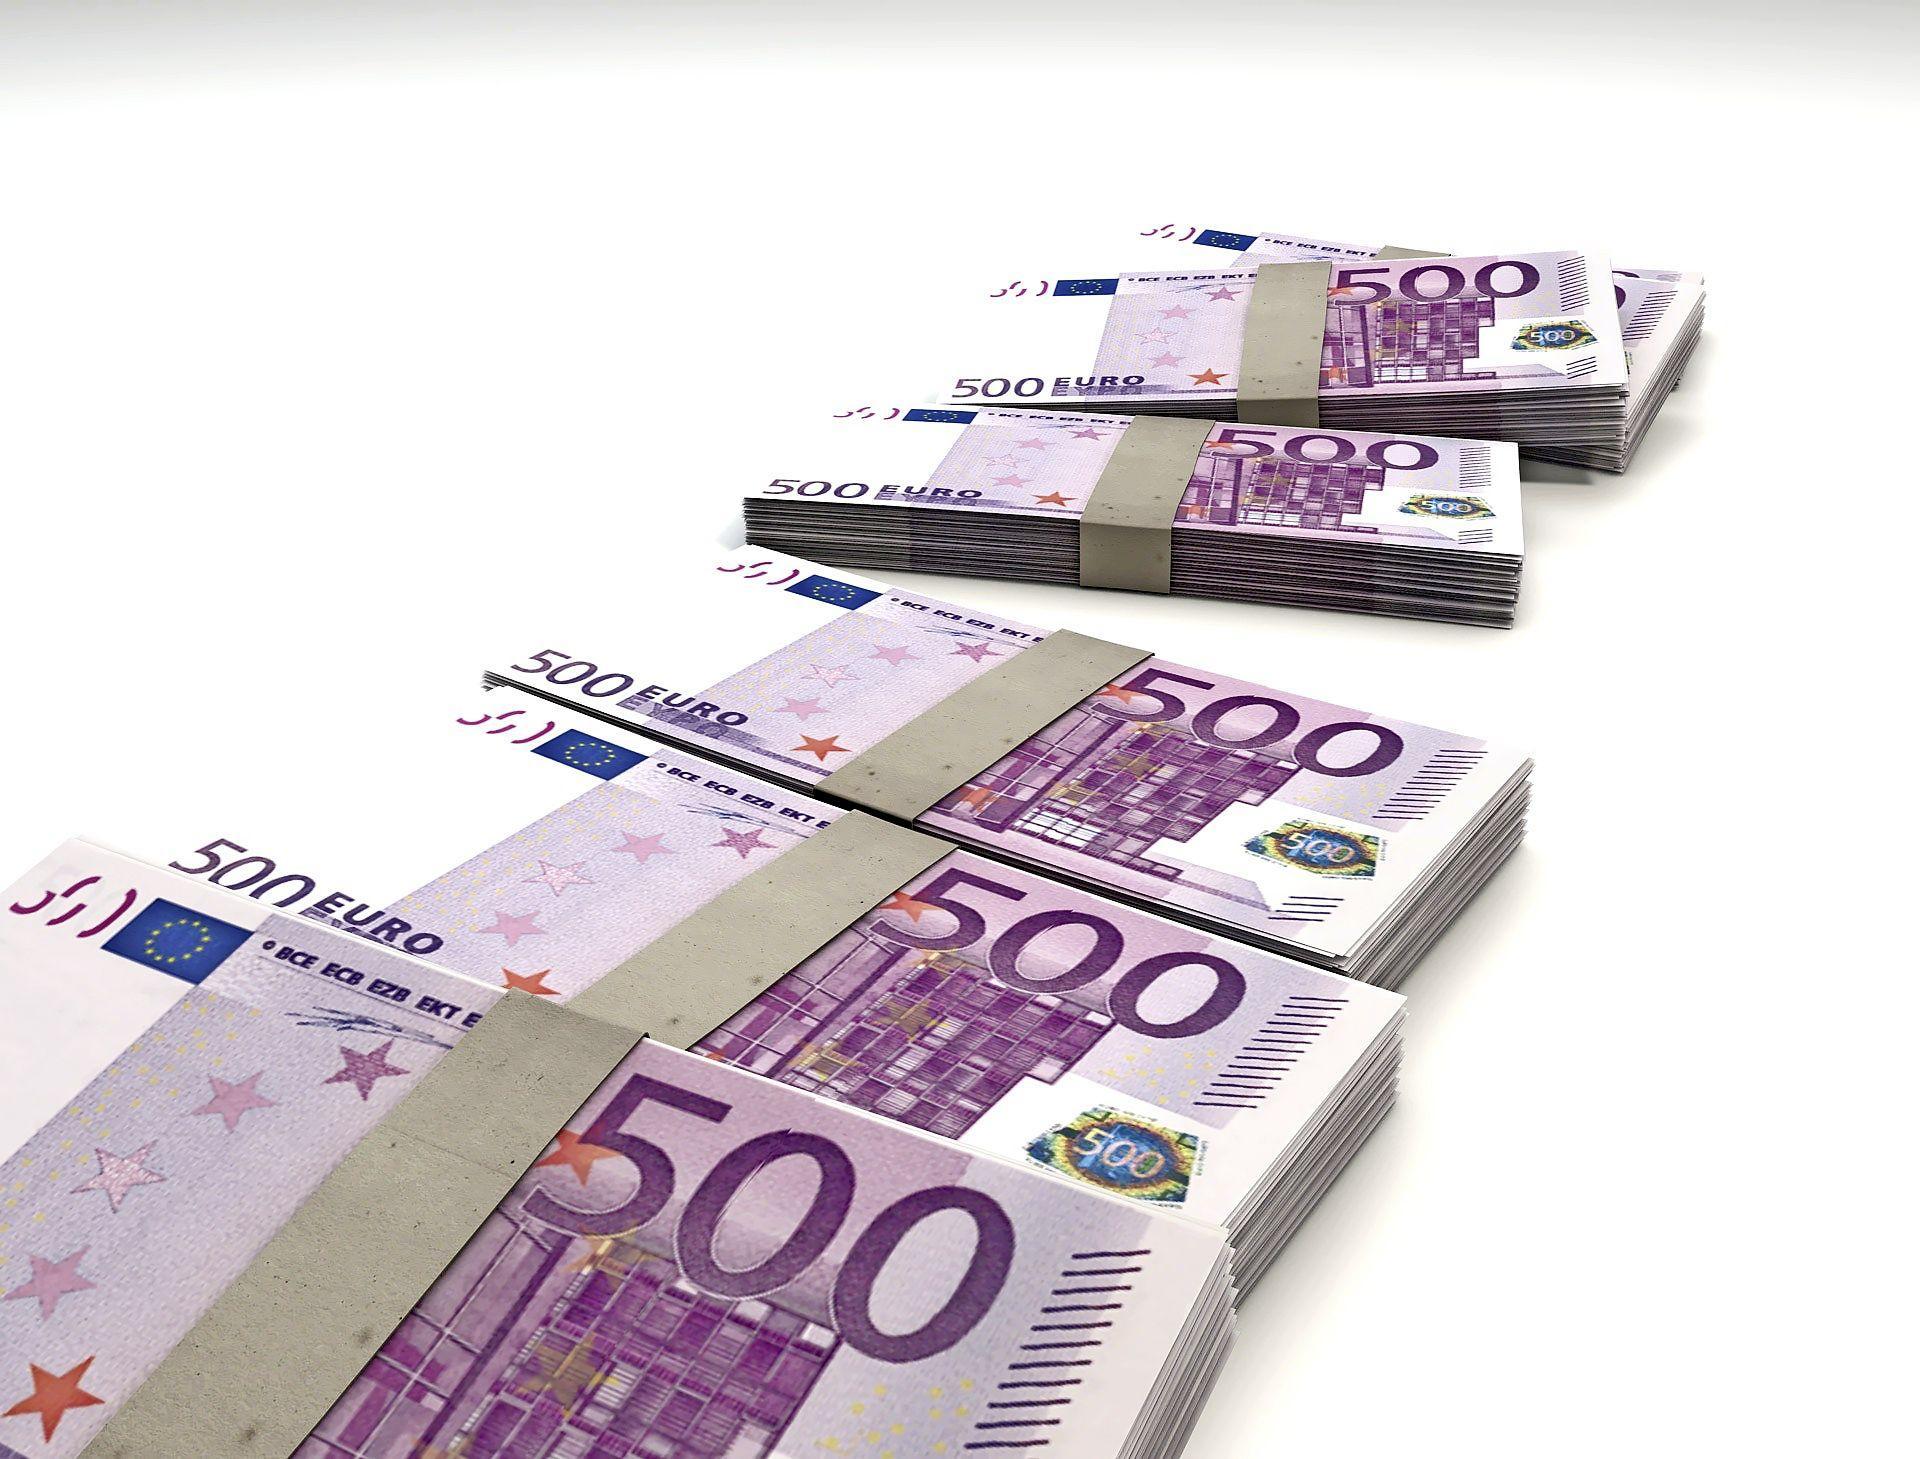 Hilversumse politiek akkoord met storting van een extra miljoen in Utrechts investeringsfonds: 'Heel goed voor de Hilversumse economie'